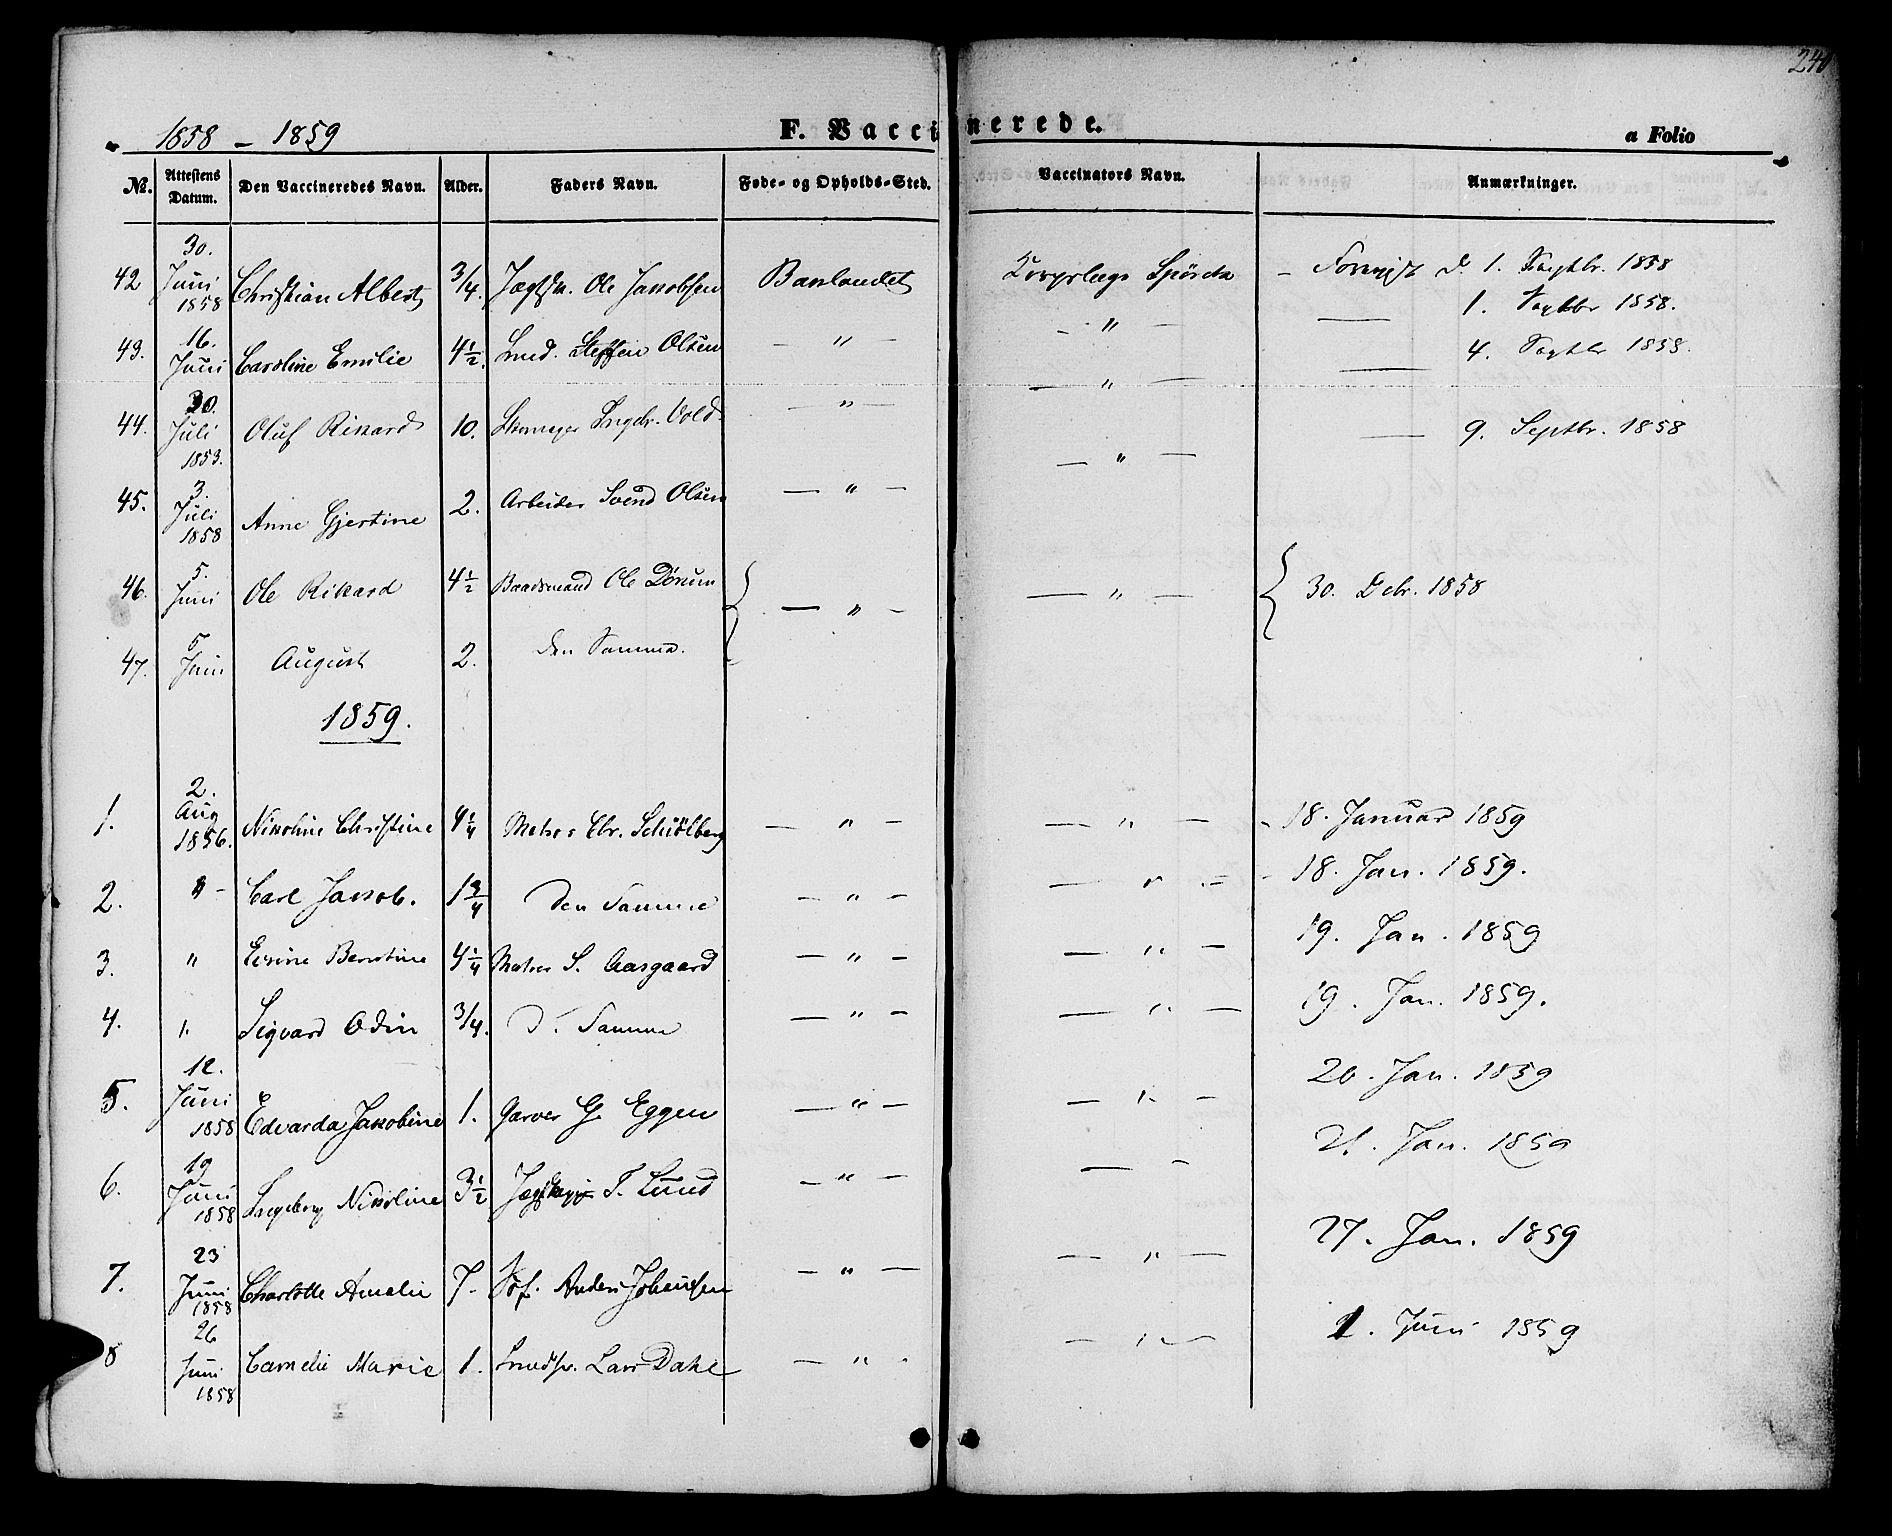 SAT, Ministerialprotokoller, klokkerbøker og fødselsregistre - Sør-Trøndelag, 604/L0184: Ministerialbok nr. 604A05, 1851-1860, s. 240